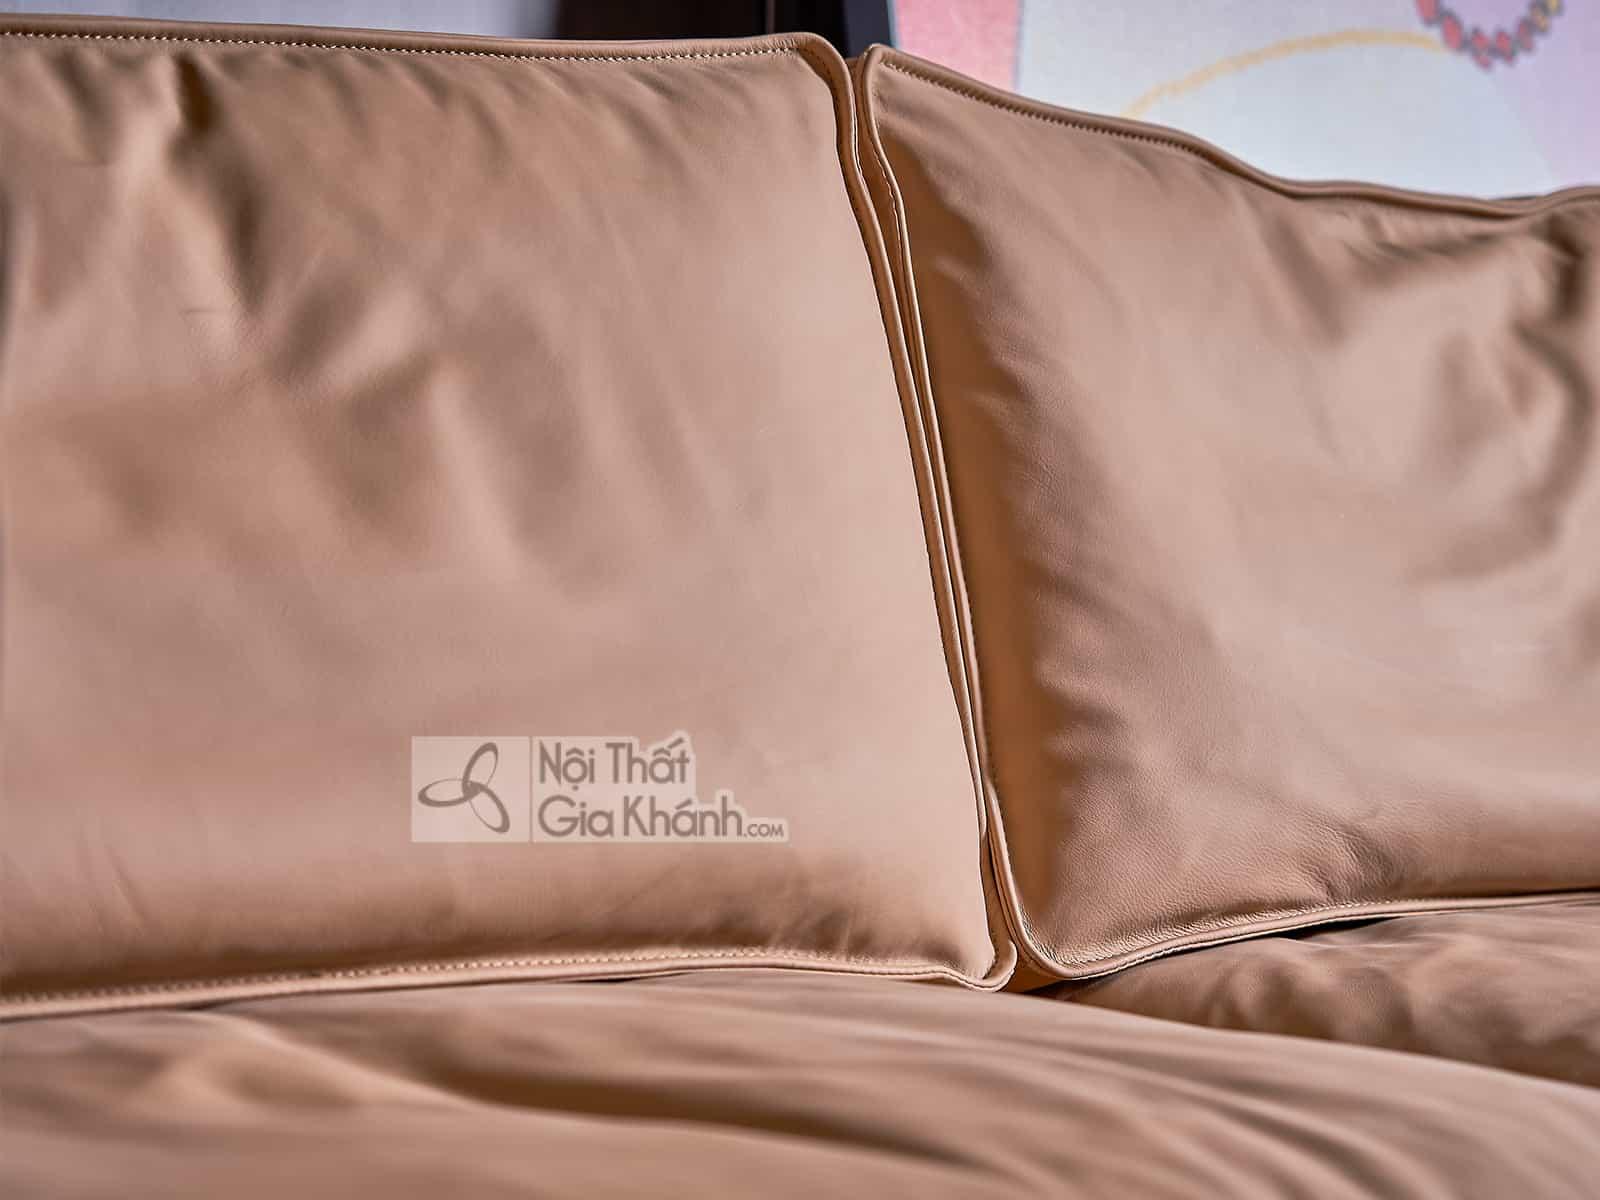 Bộ sofa da nhập khẩu hiện đại SB1905T50-13